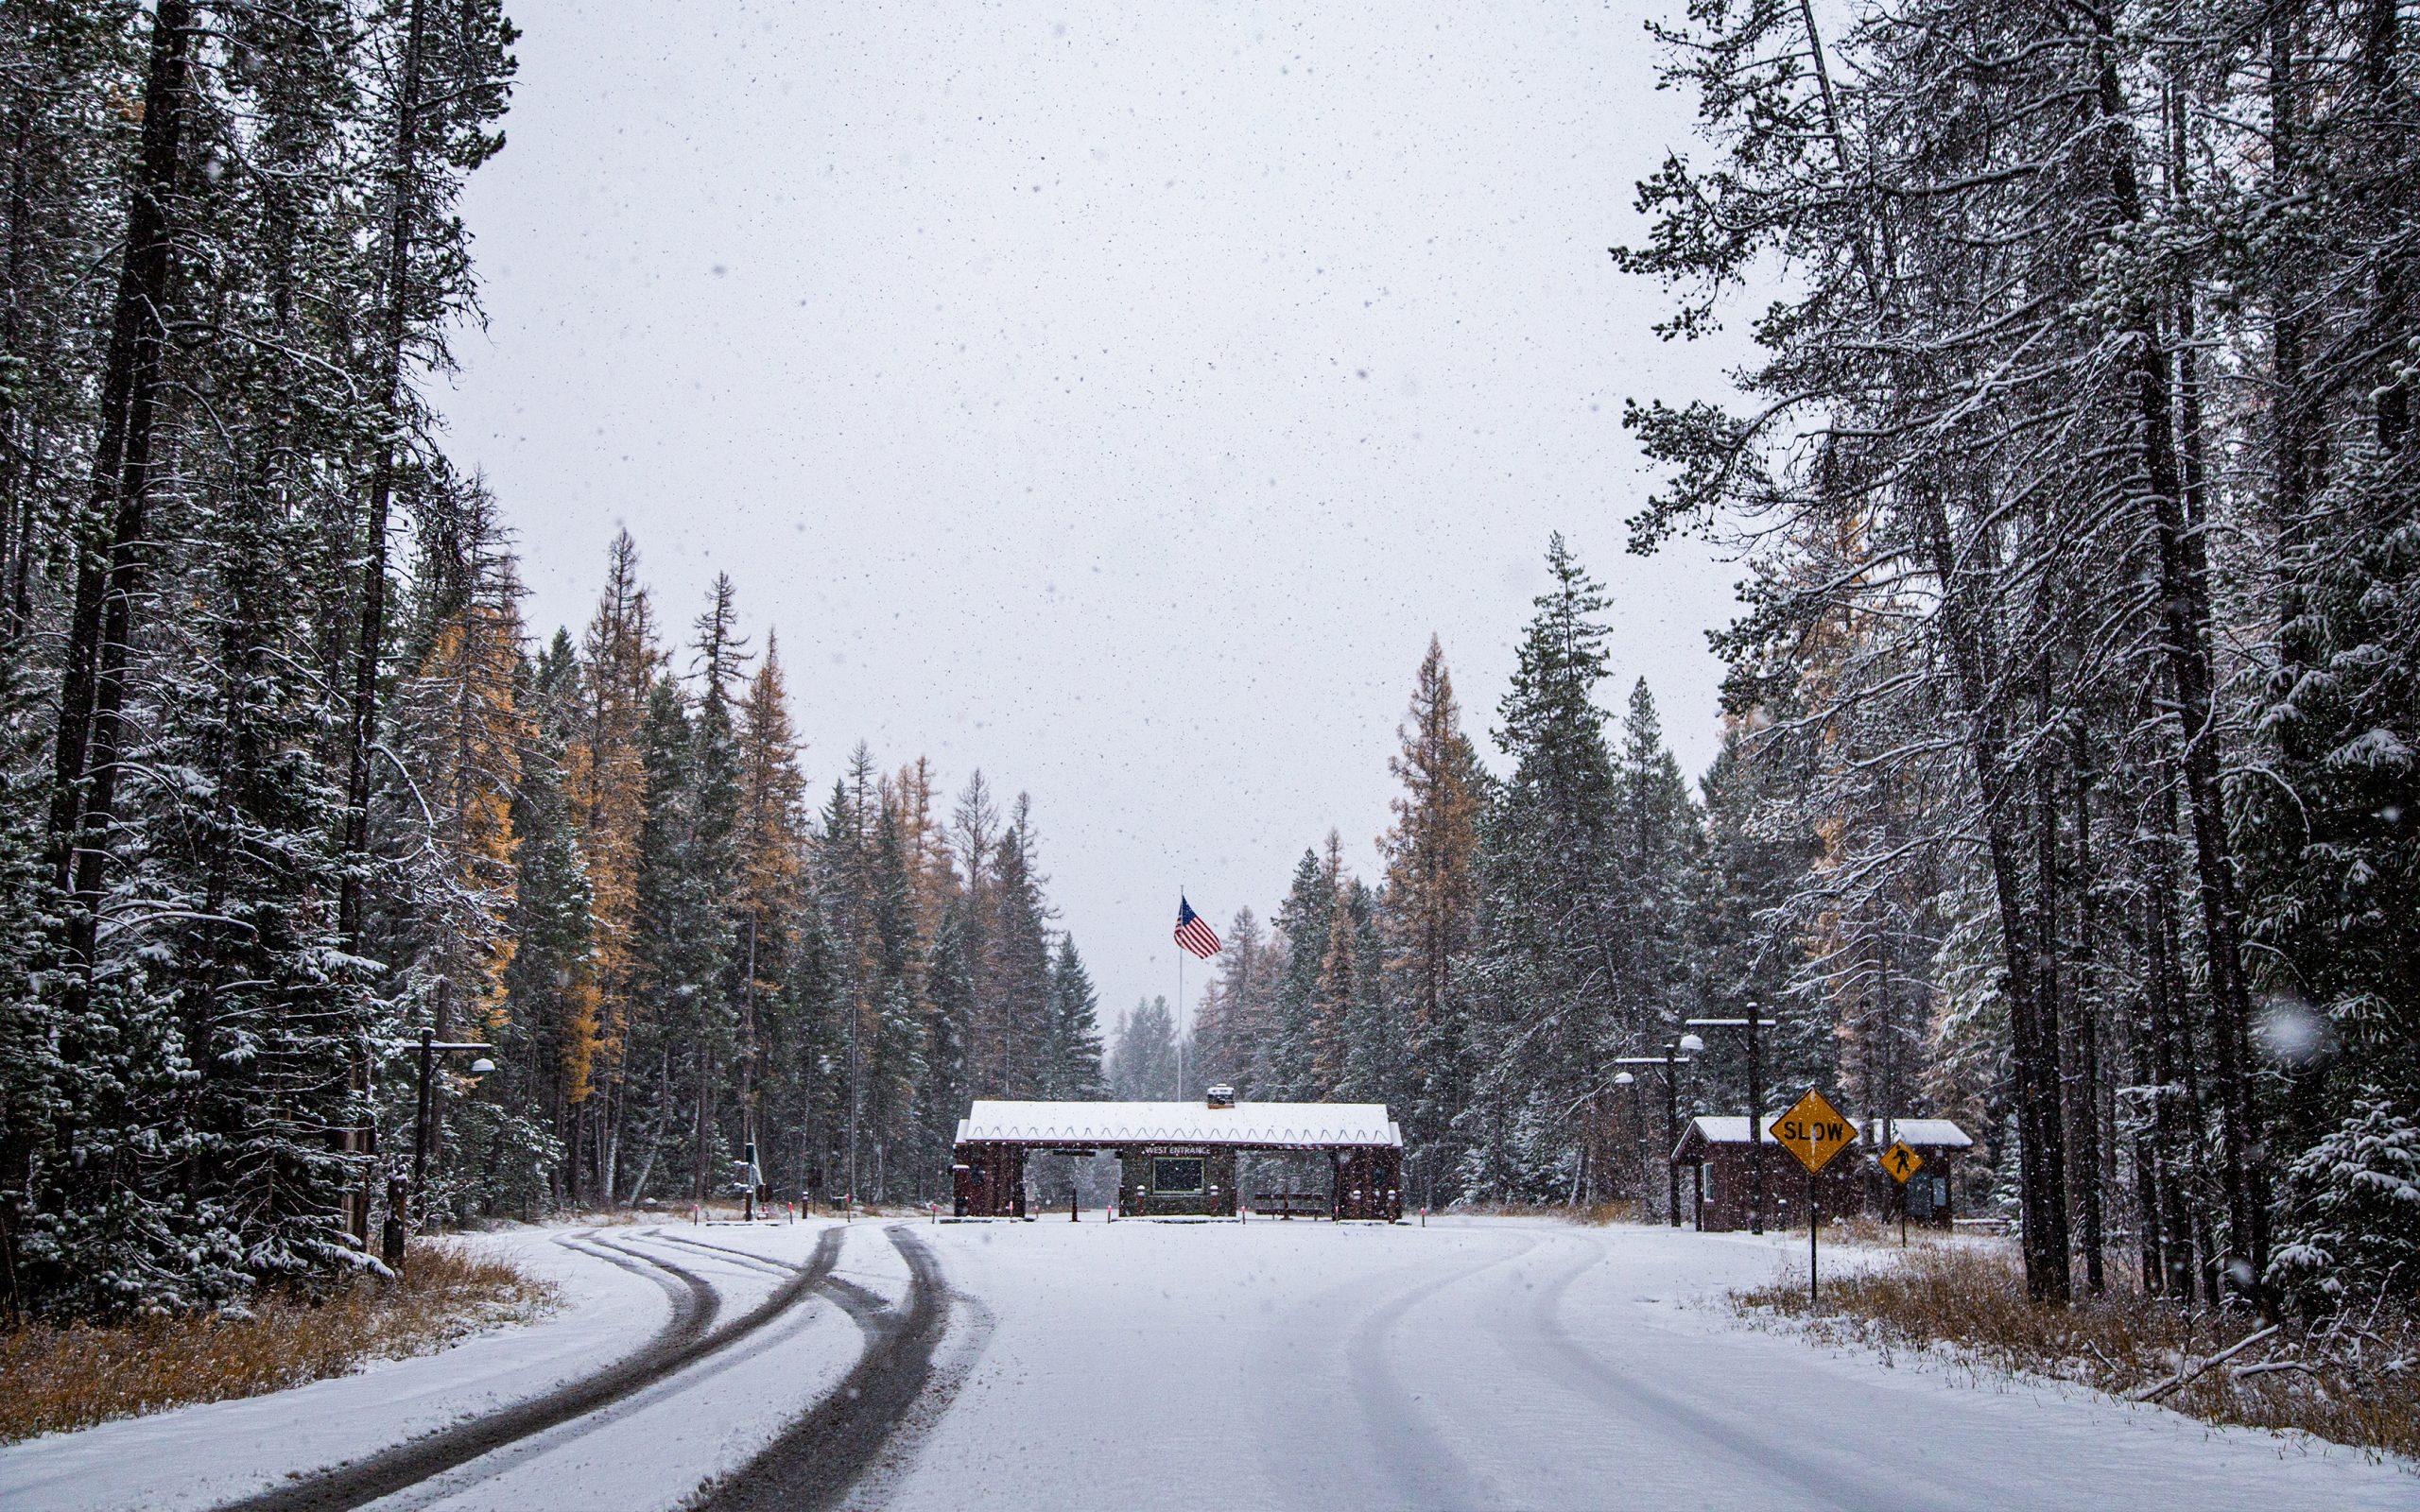 West Entrance of Glacier National Park after fresh snow